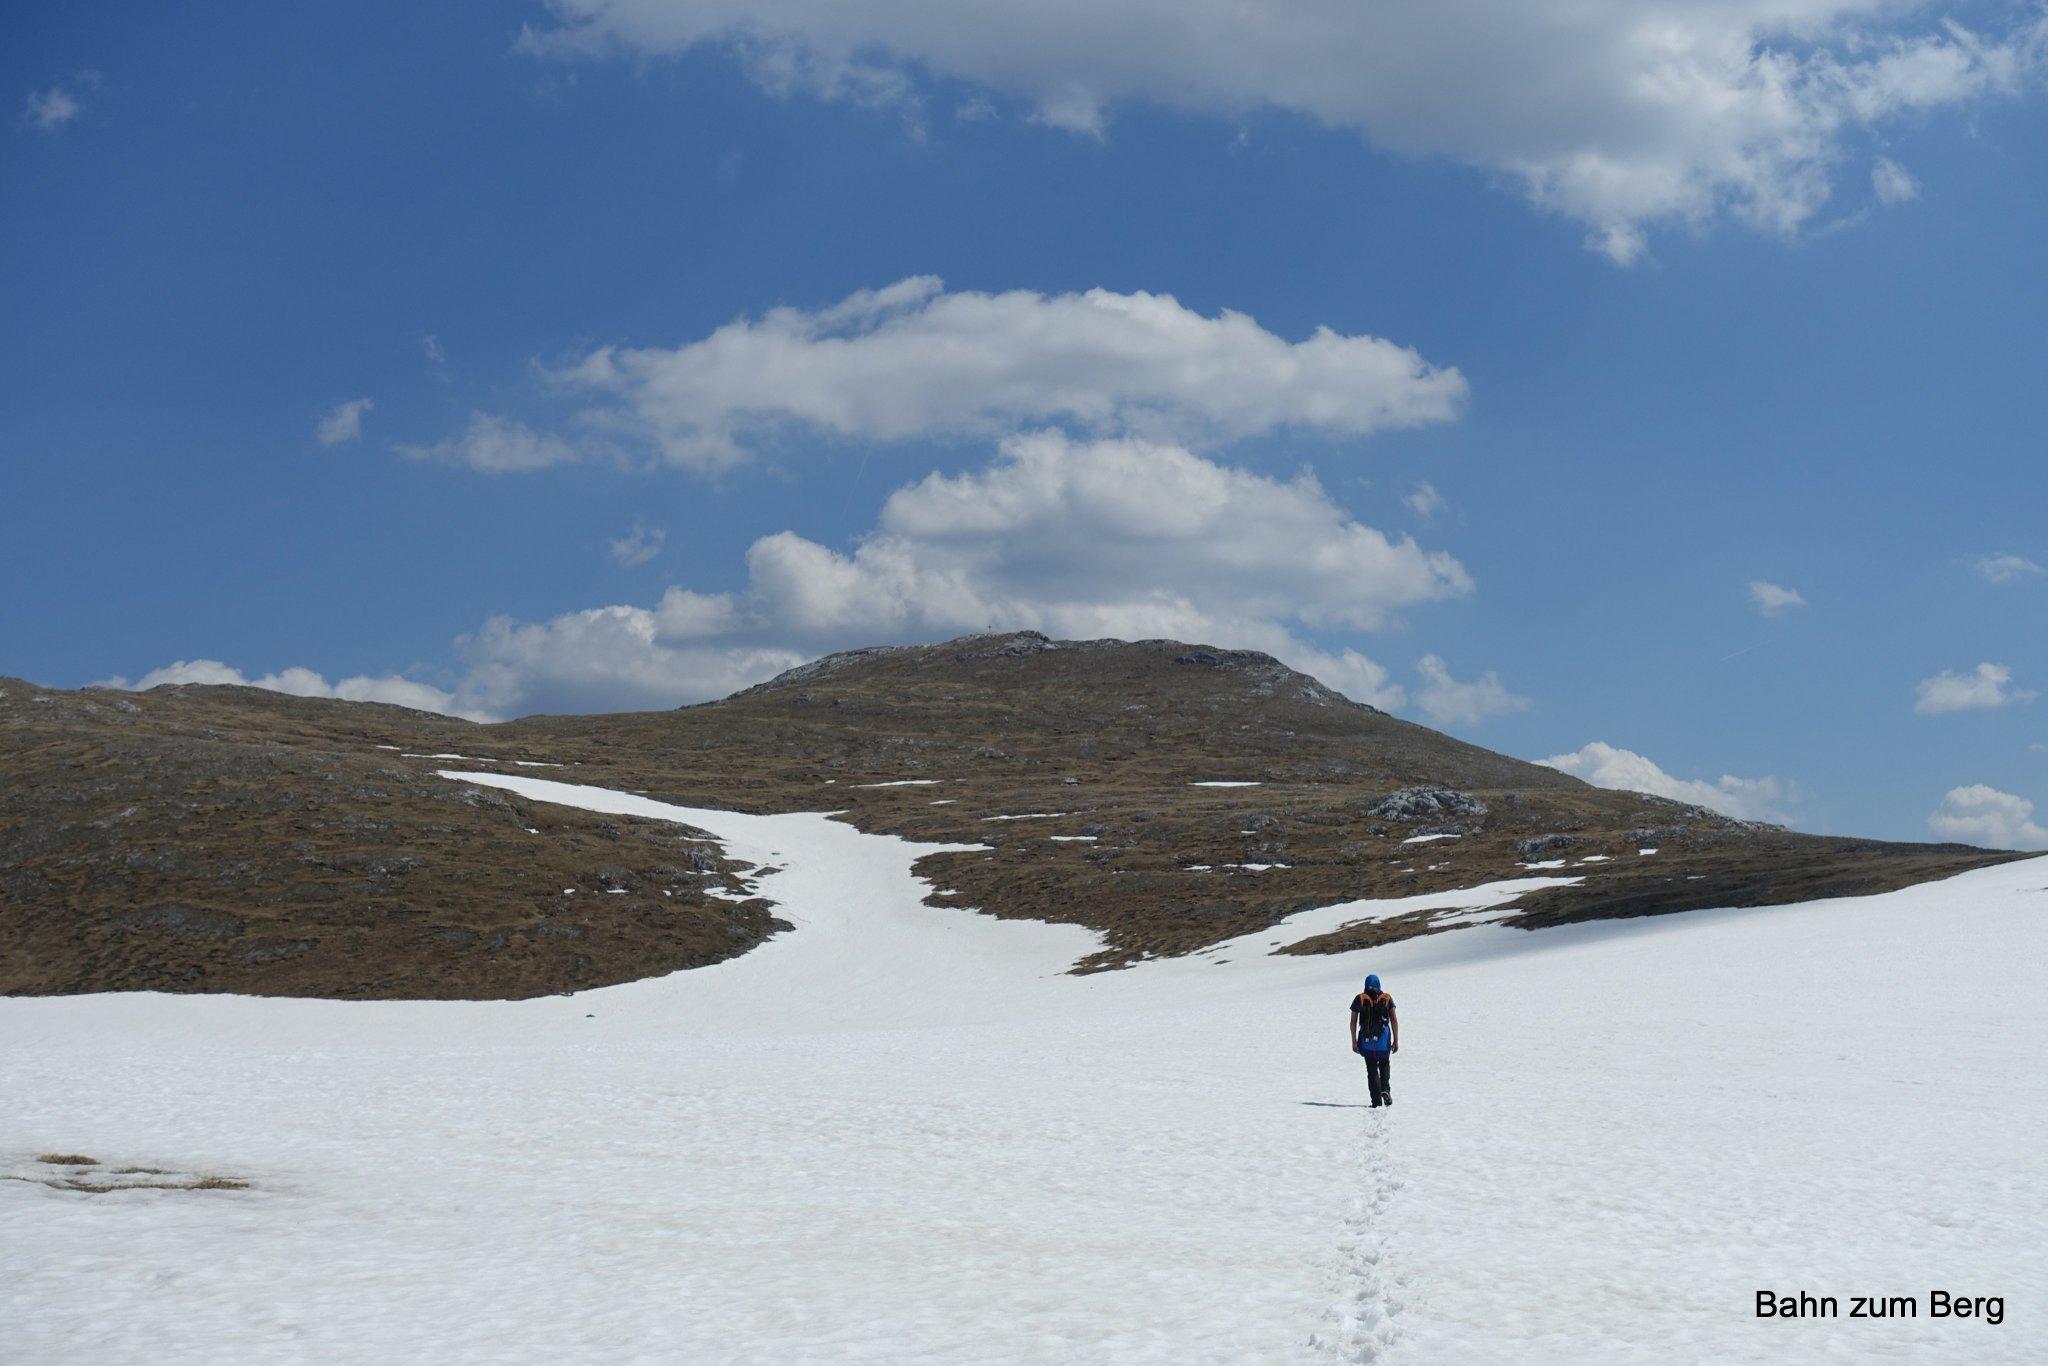 Nach dem Trawiessattel mit dem Gipfel in Sichtweite